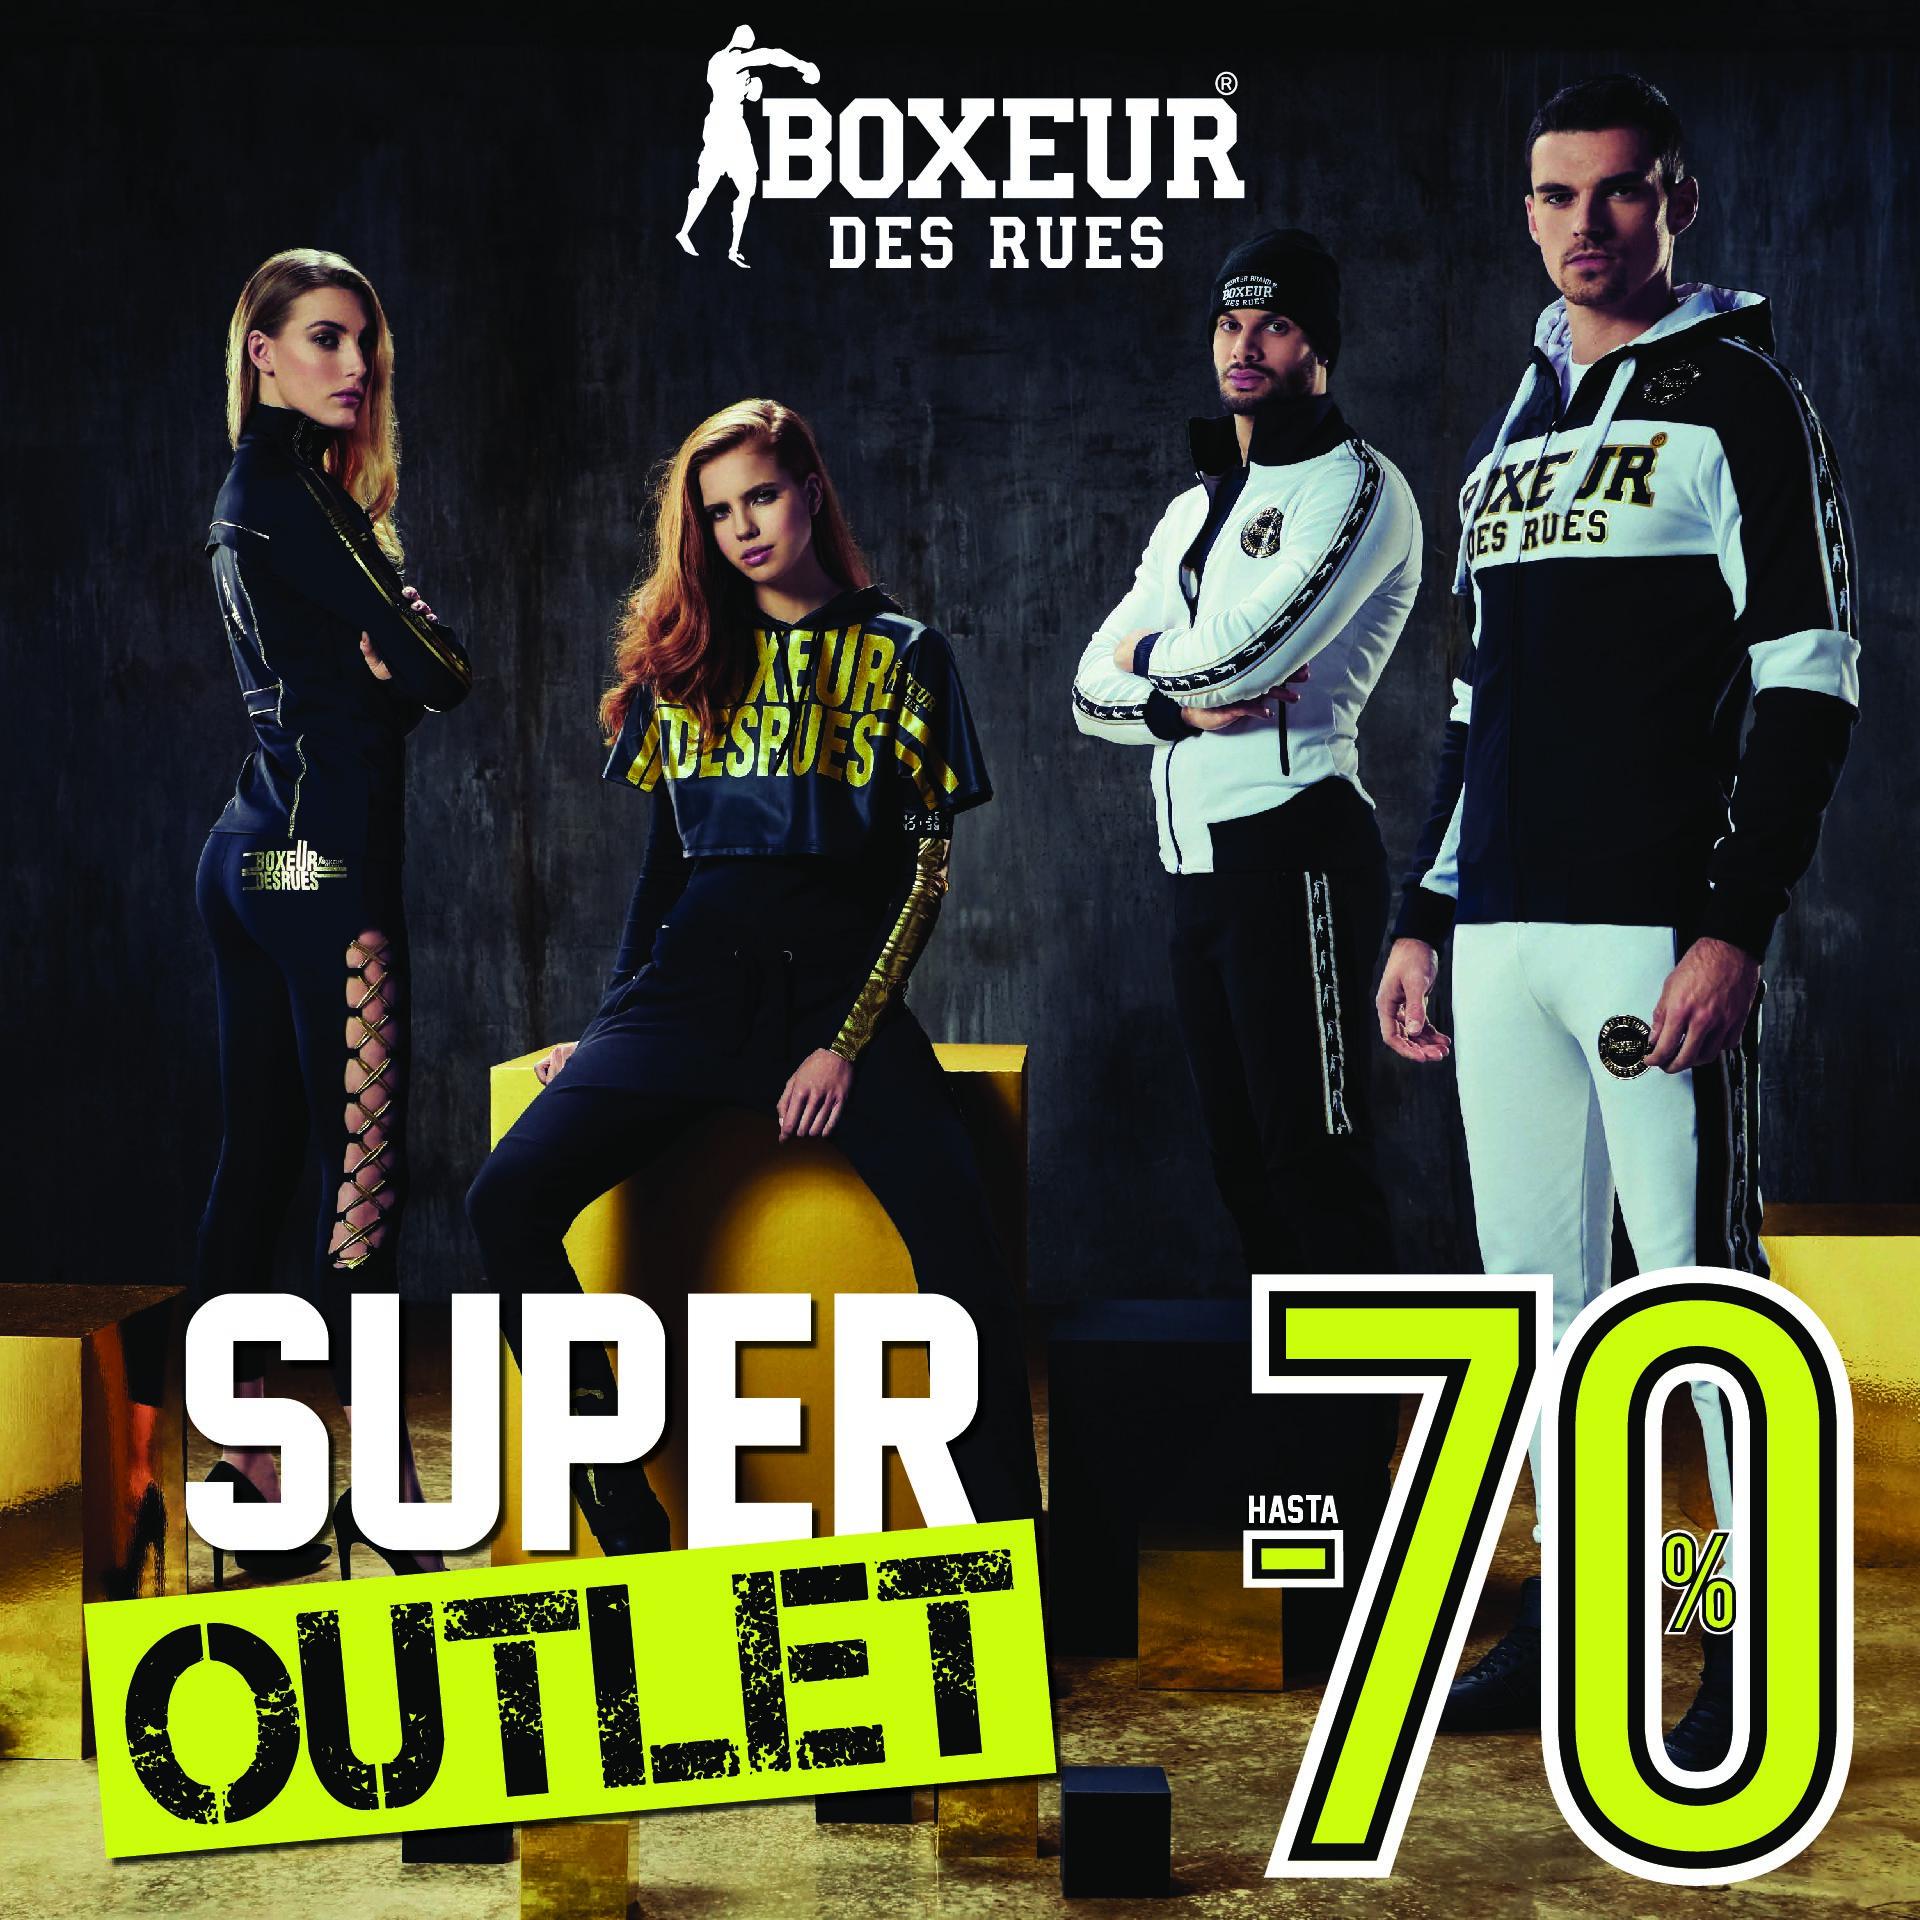 Descuentos de hasta el 70% en Boxeur des Rues